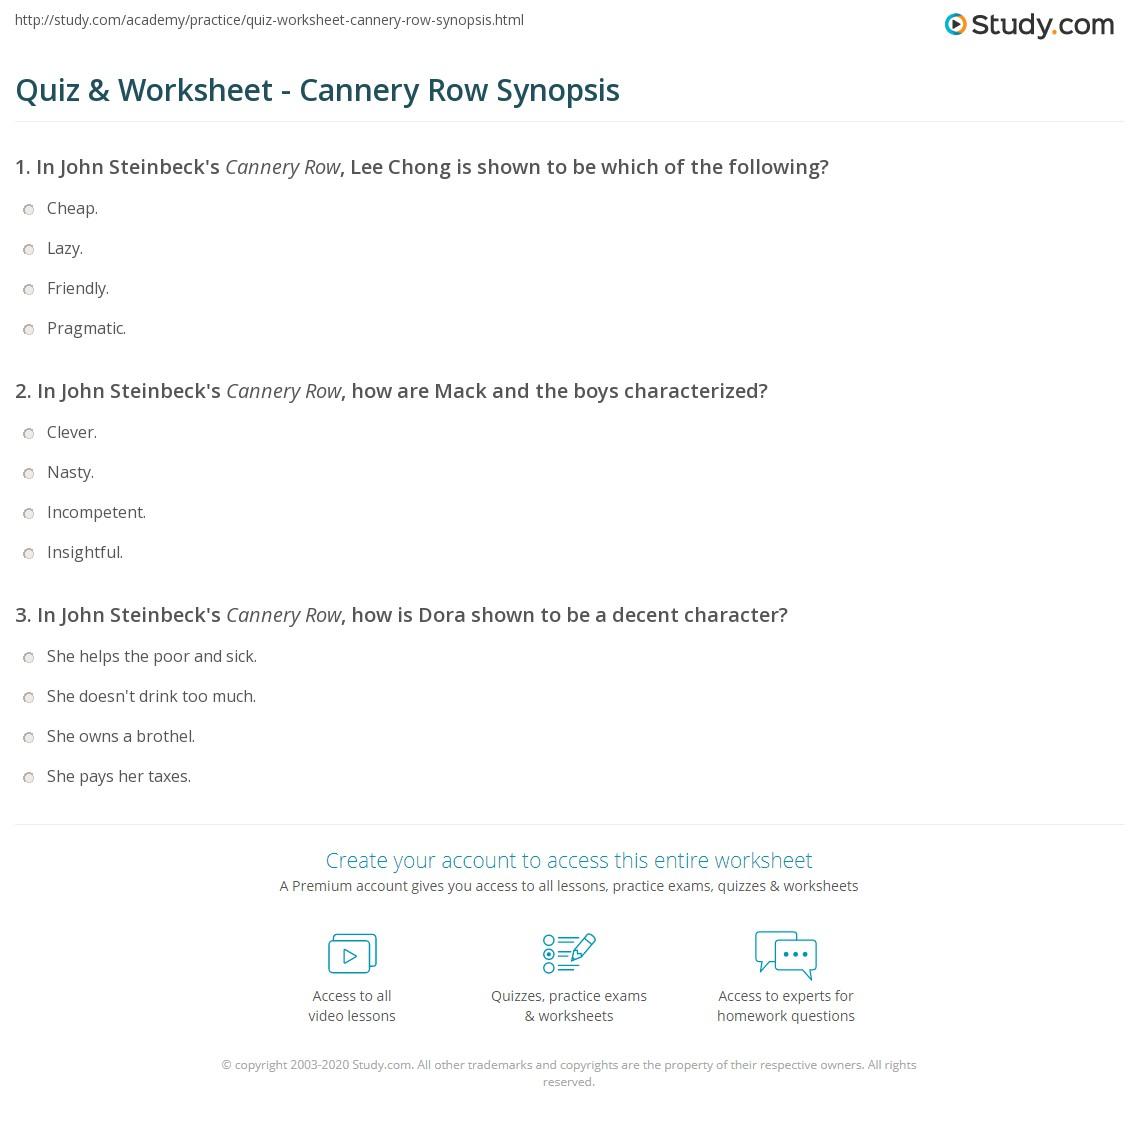 steinbeck cannery row summary